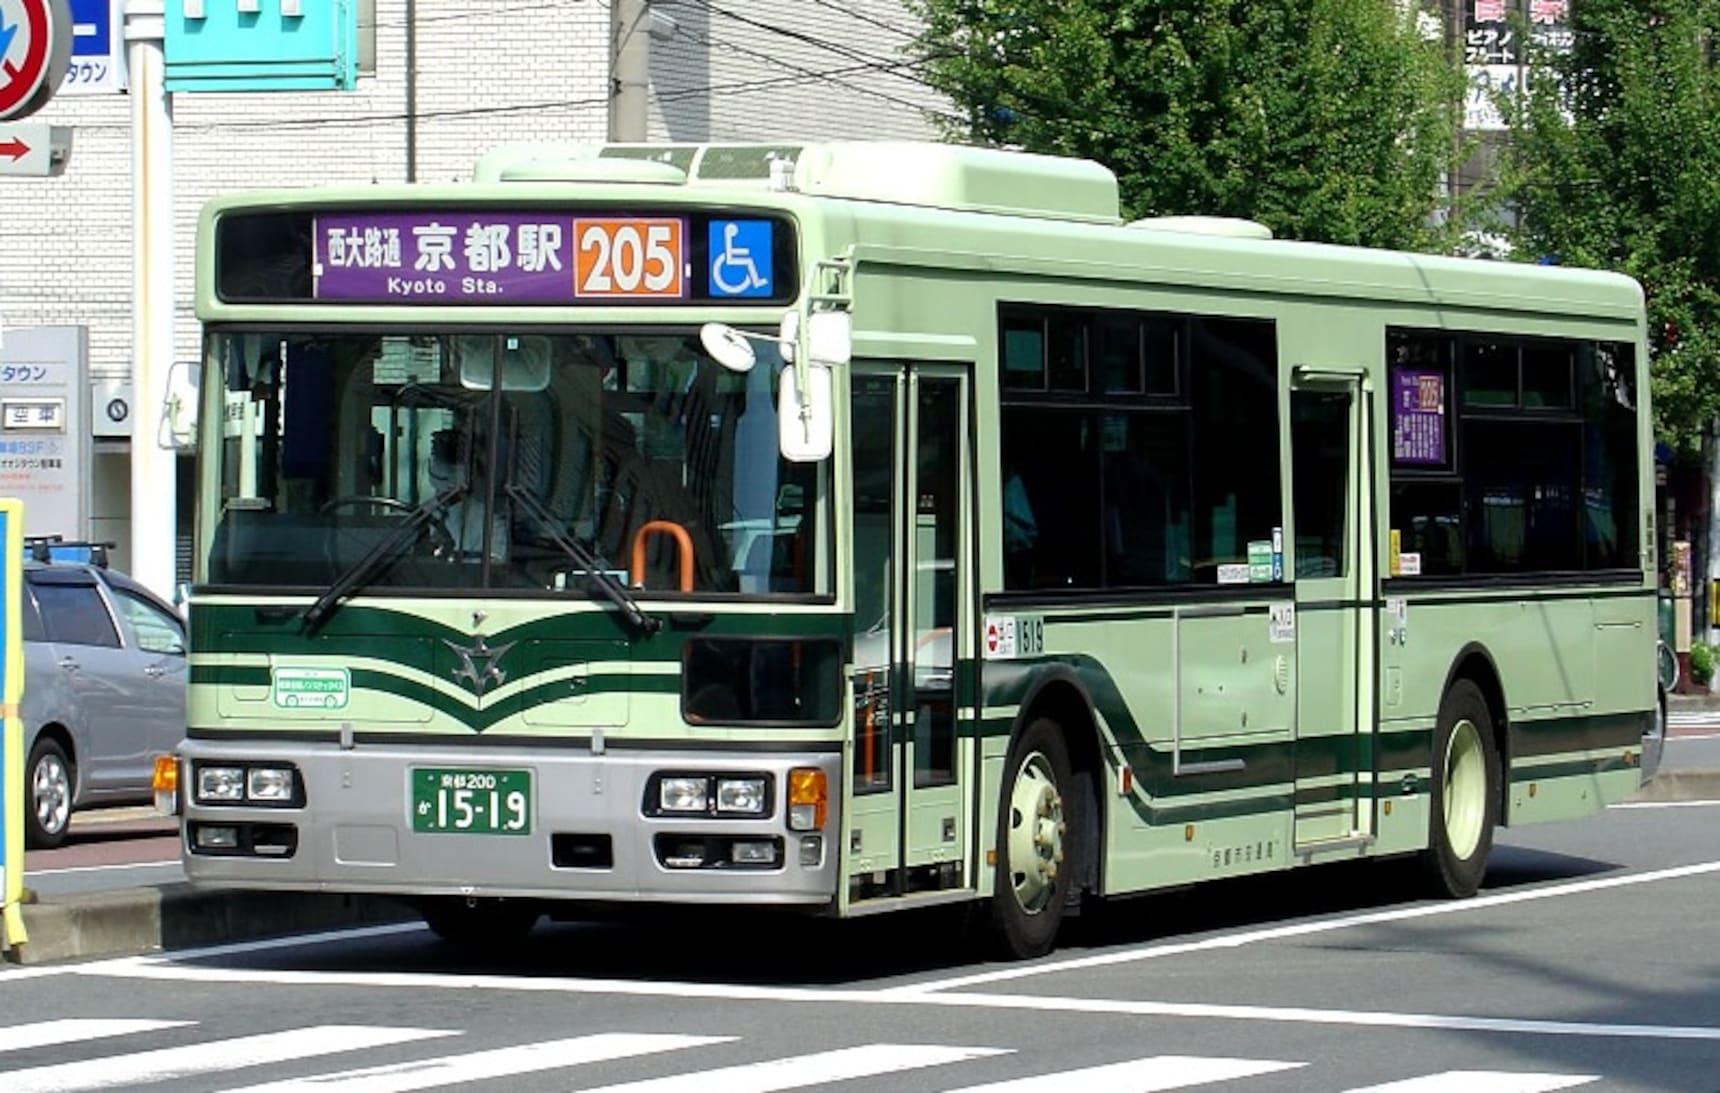 นั่งบัสเที่ยวเกียวโตไปกับตั๋ว One-Day Pass